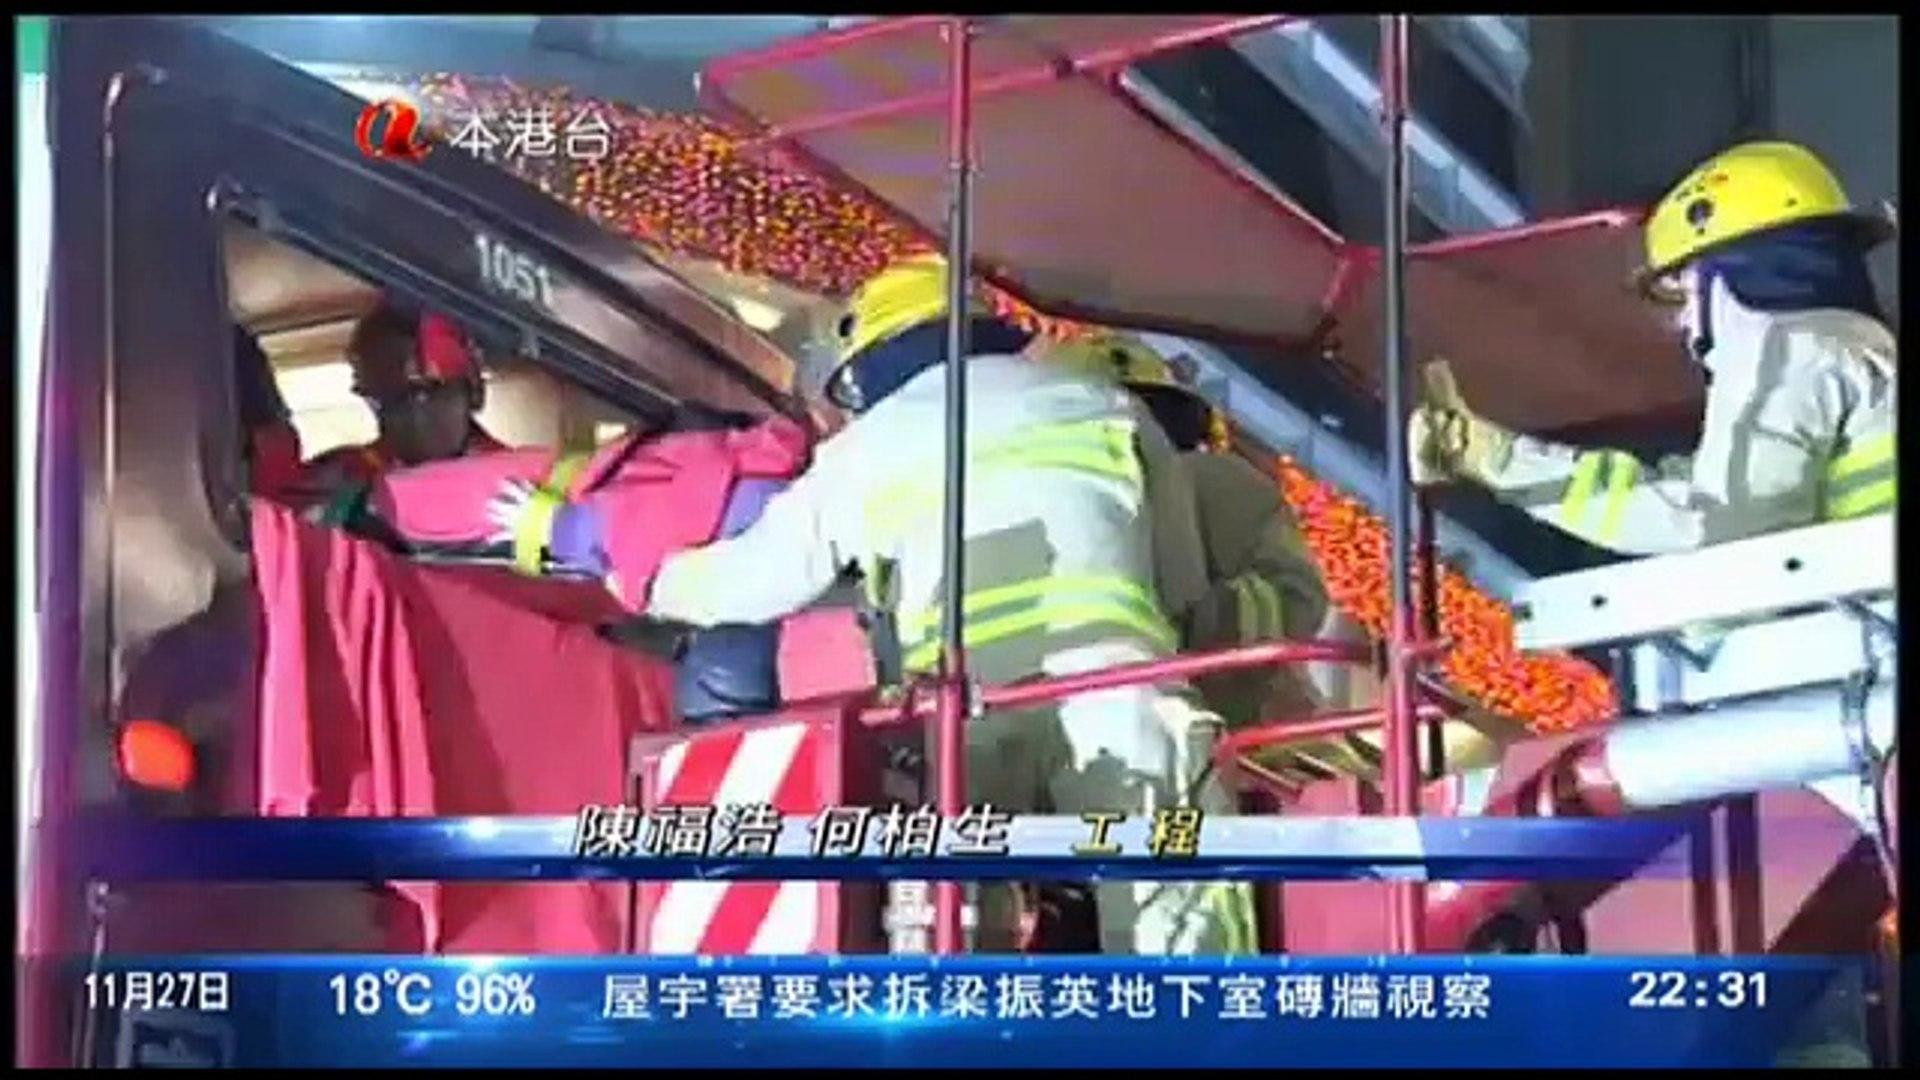 [新聞](2012-11-27)灣仔三輛巴士相撞五十人受傷 (3)